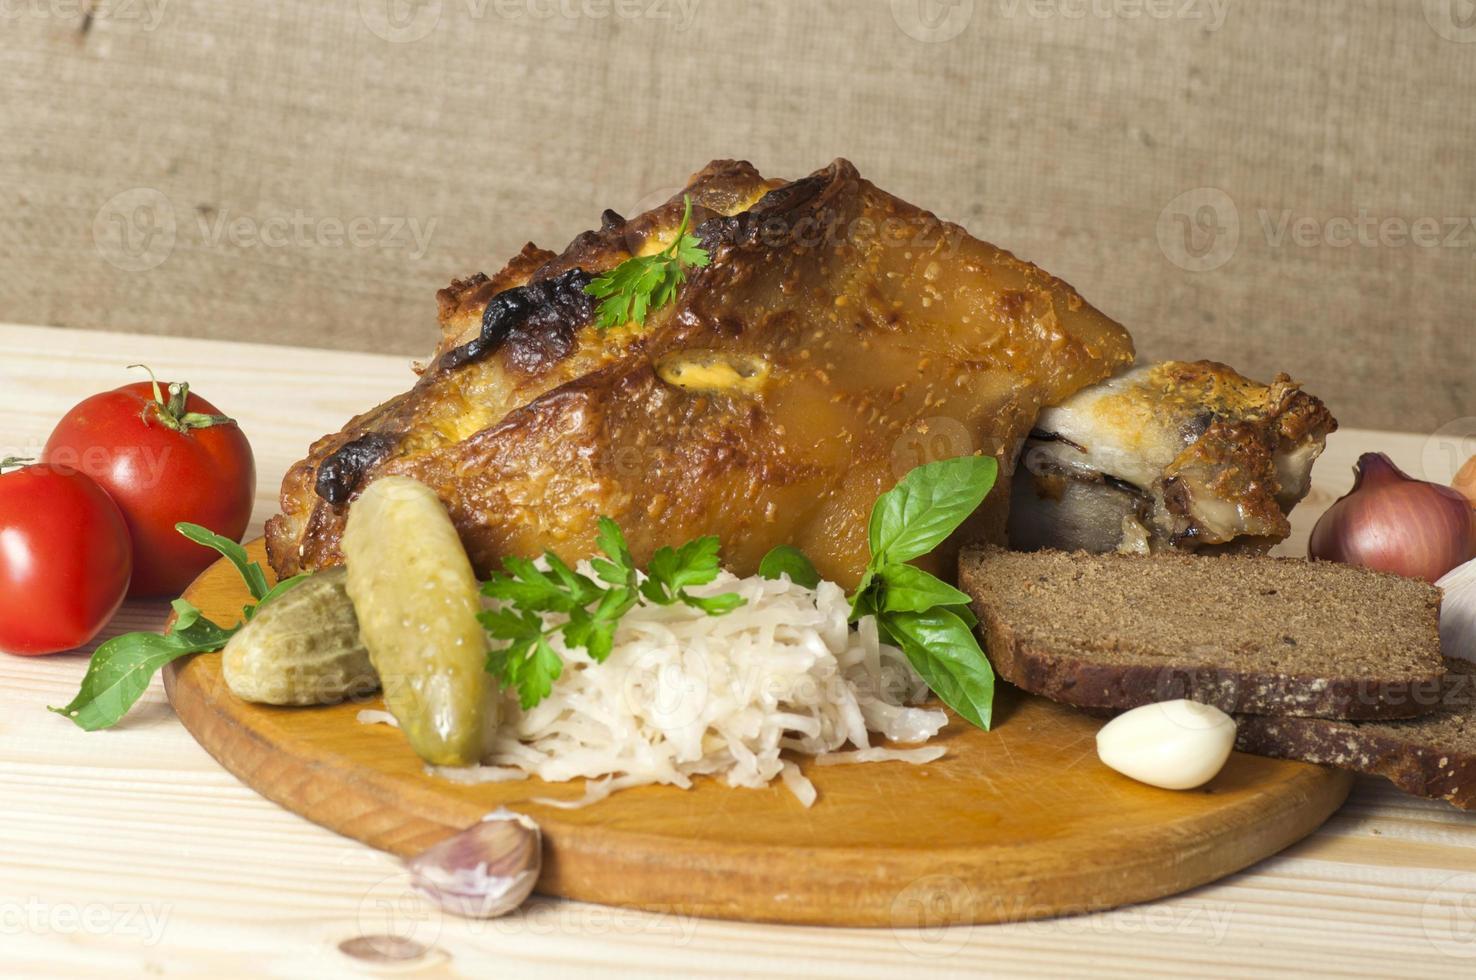 coscia di maiale arrosto servita con crauti foto